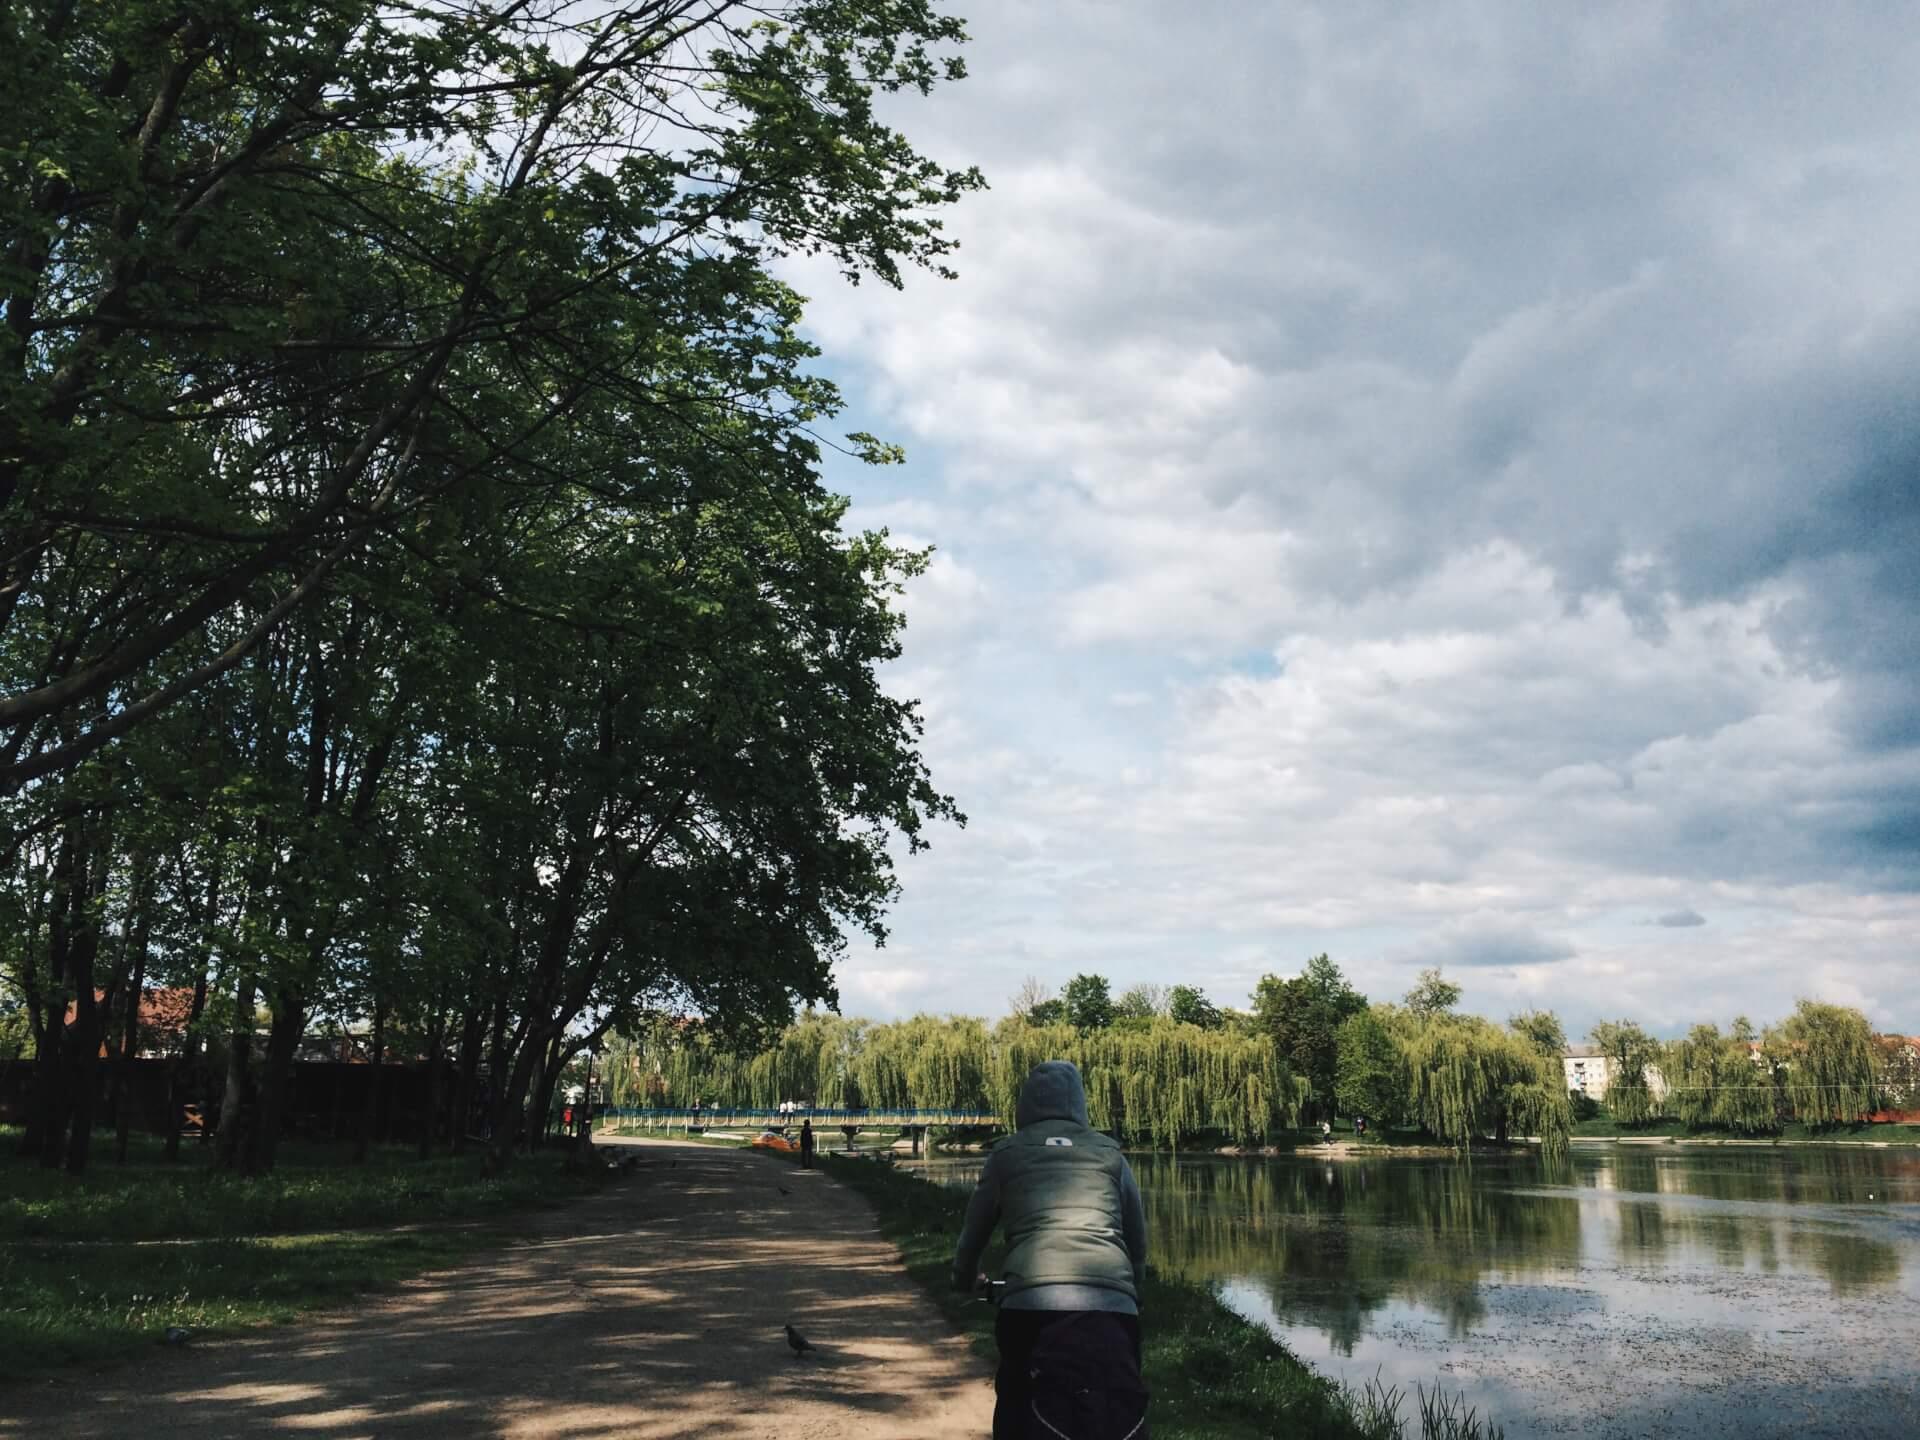 Пам'ятник пошани героям АТО, будинок сімейного типу та нові паркувальні місця — підсумки тижня на Коломийщині